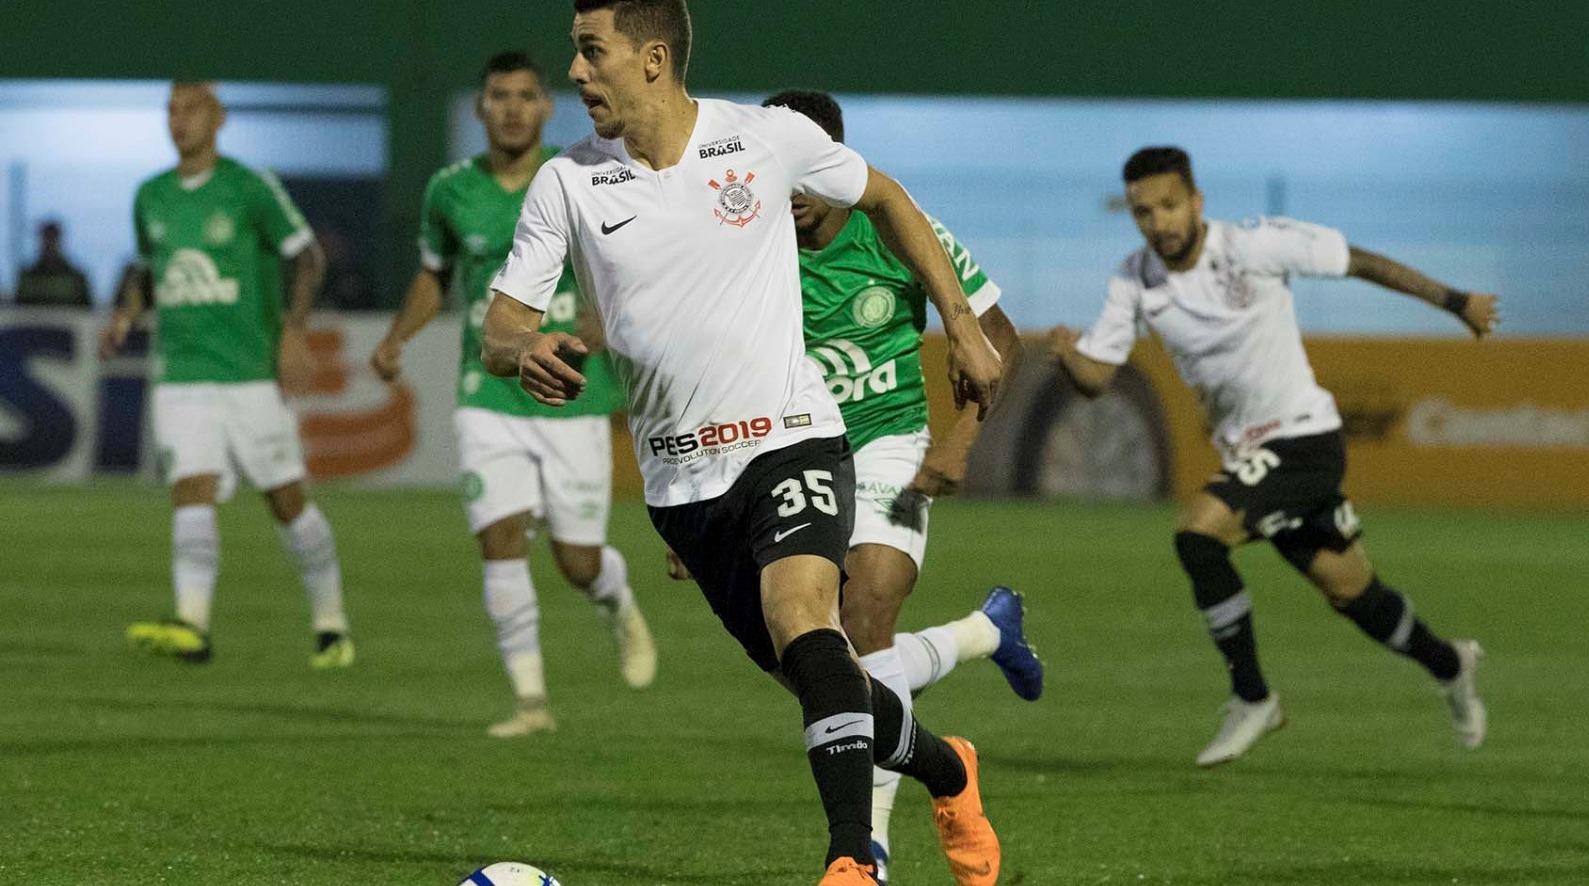 Pós-Jogo - Chapecoense 0x1 Corinthians - Copa do Brasil 2018